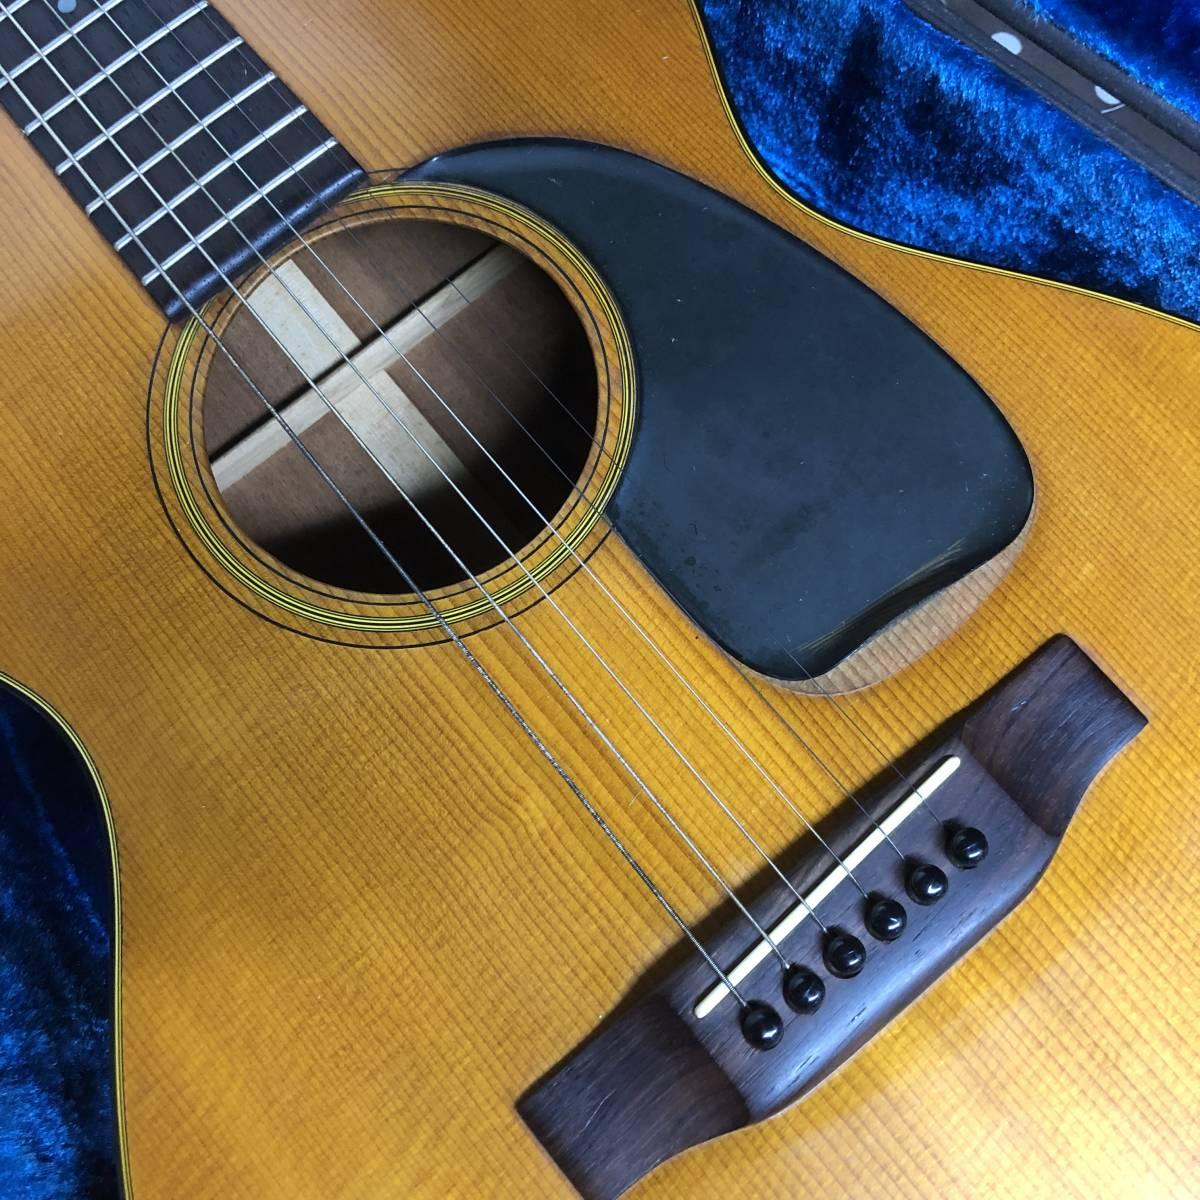 中古〇C.F.MARTIN&Co O-18 アコースティック ギター ハードケース YAMAHA 〇_画像2